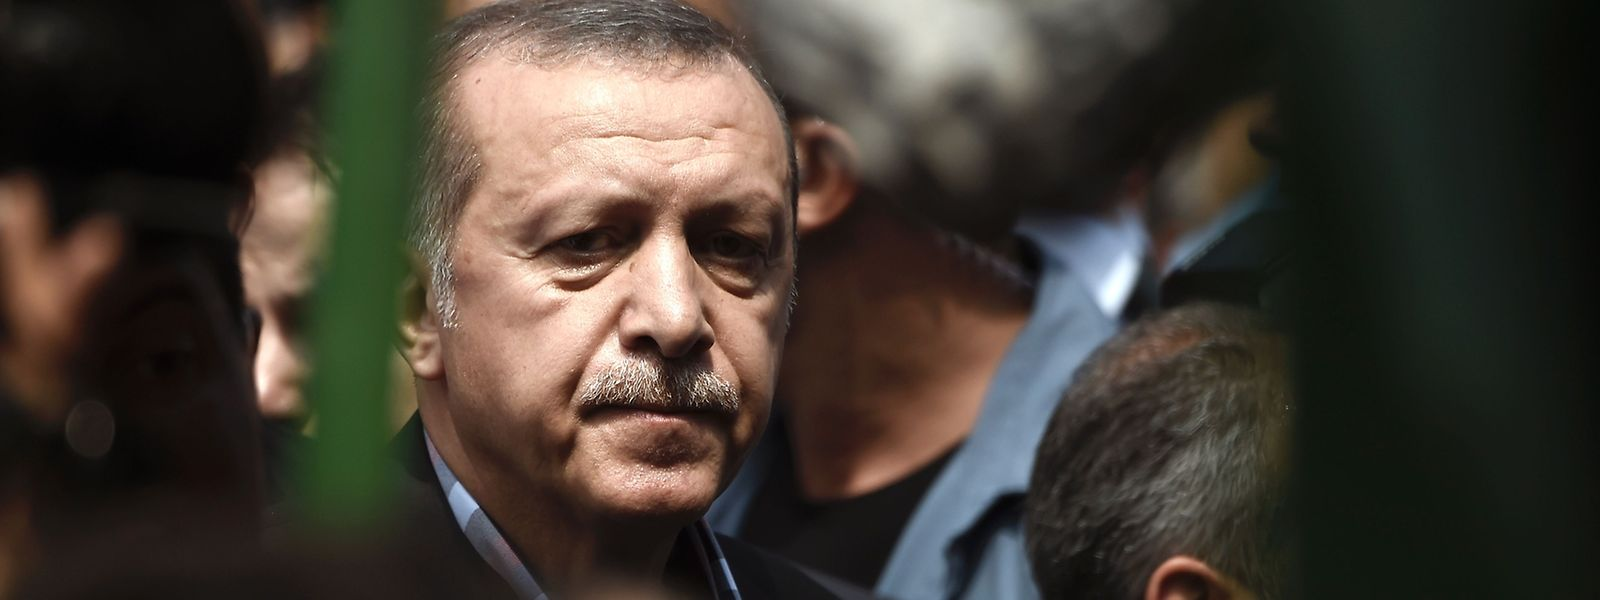 Präsident Erdogan nach dem Putsch.